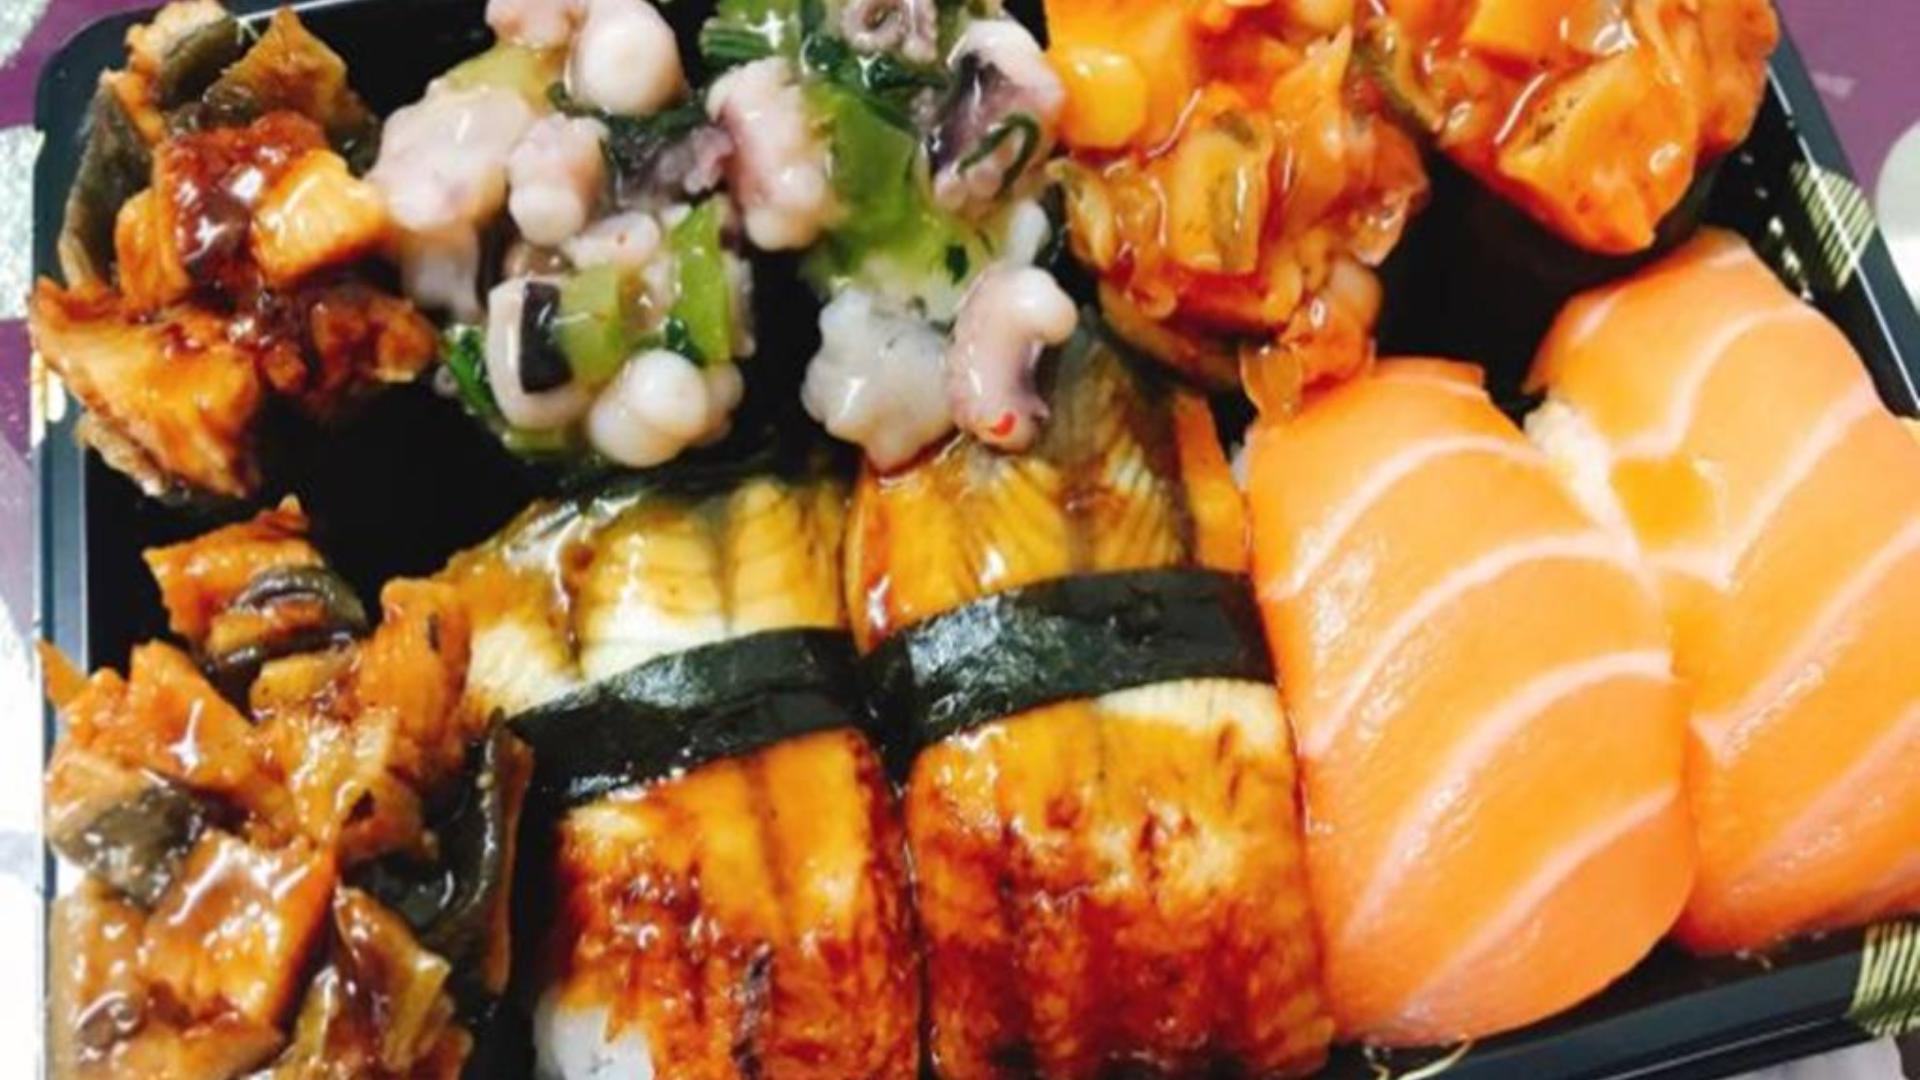 隐藏在天津菜市场里面的一家性价比超高的寿司店,三文鱼寿司三块一个